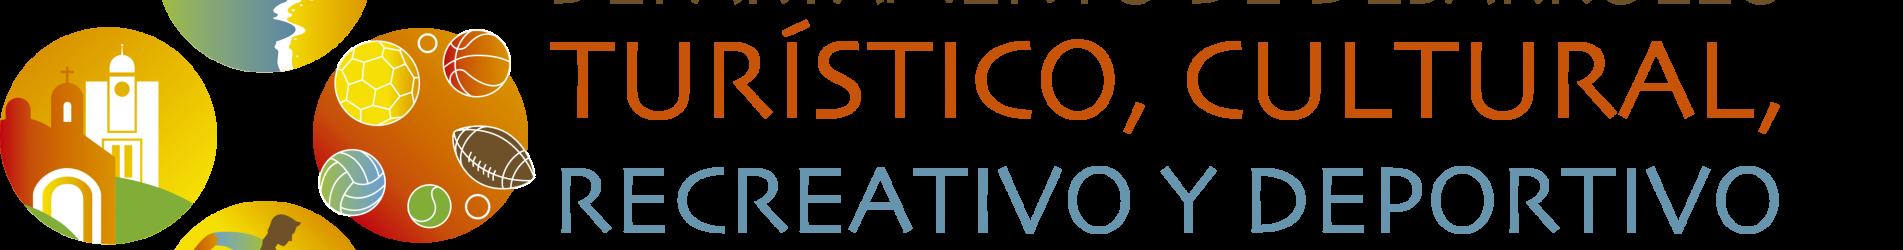 Logo_Turismo_Deportes_Oficial_By_Steven_Martinez_1